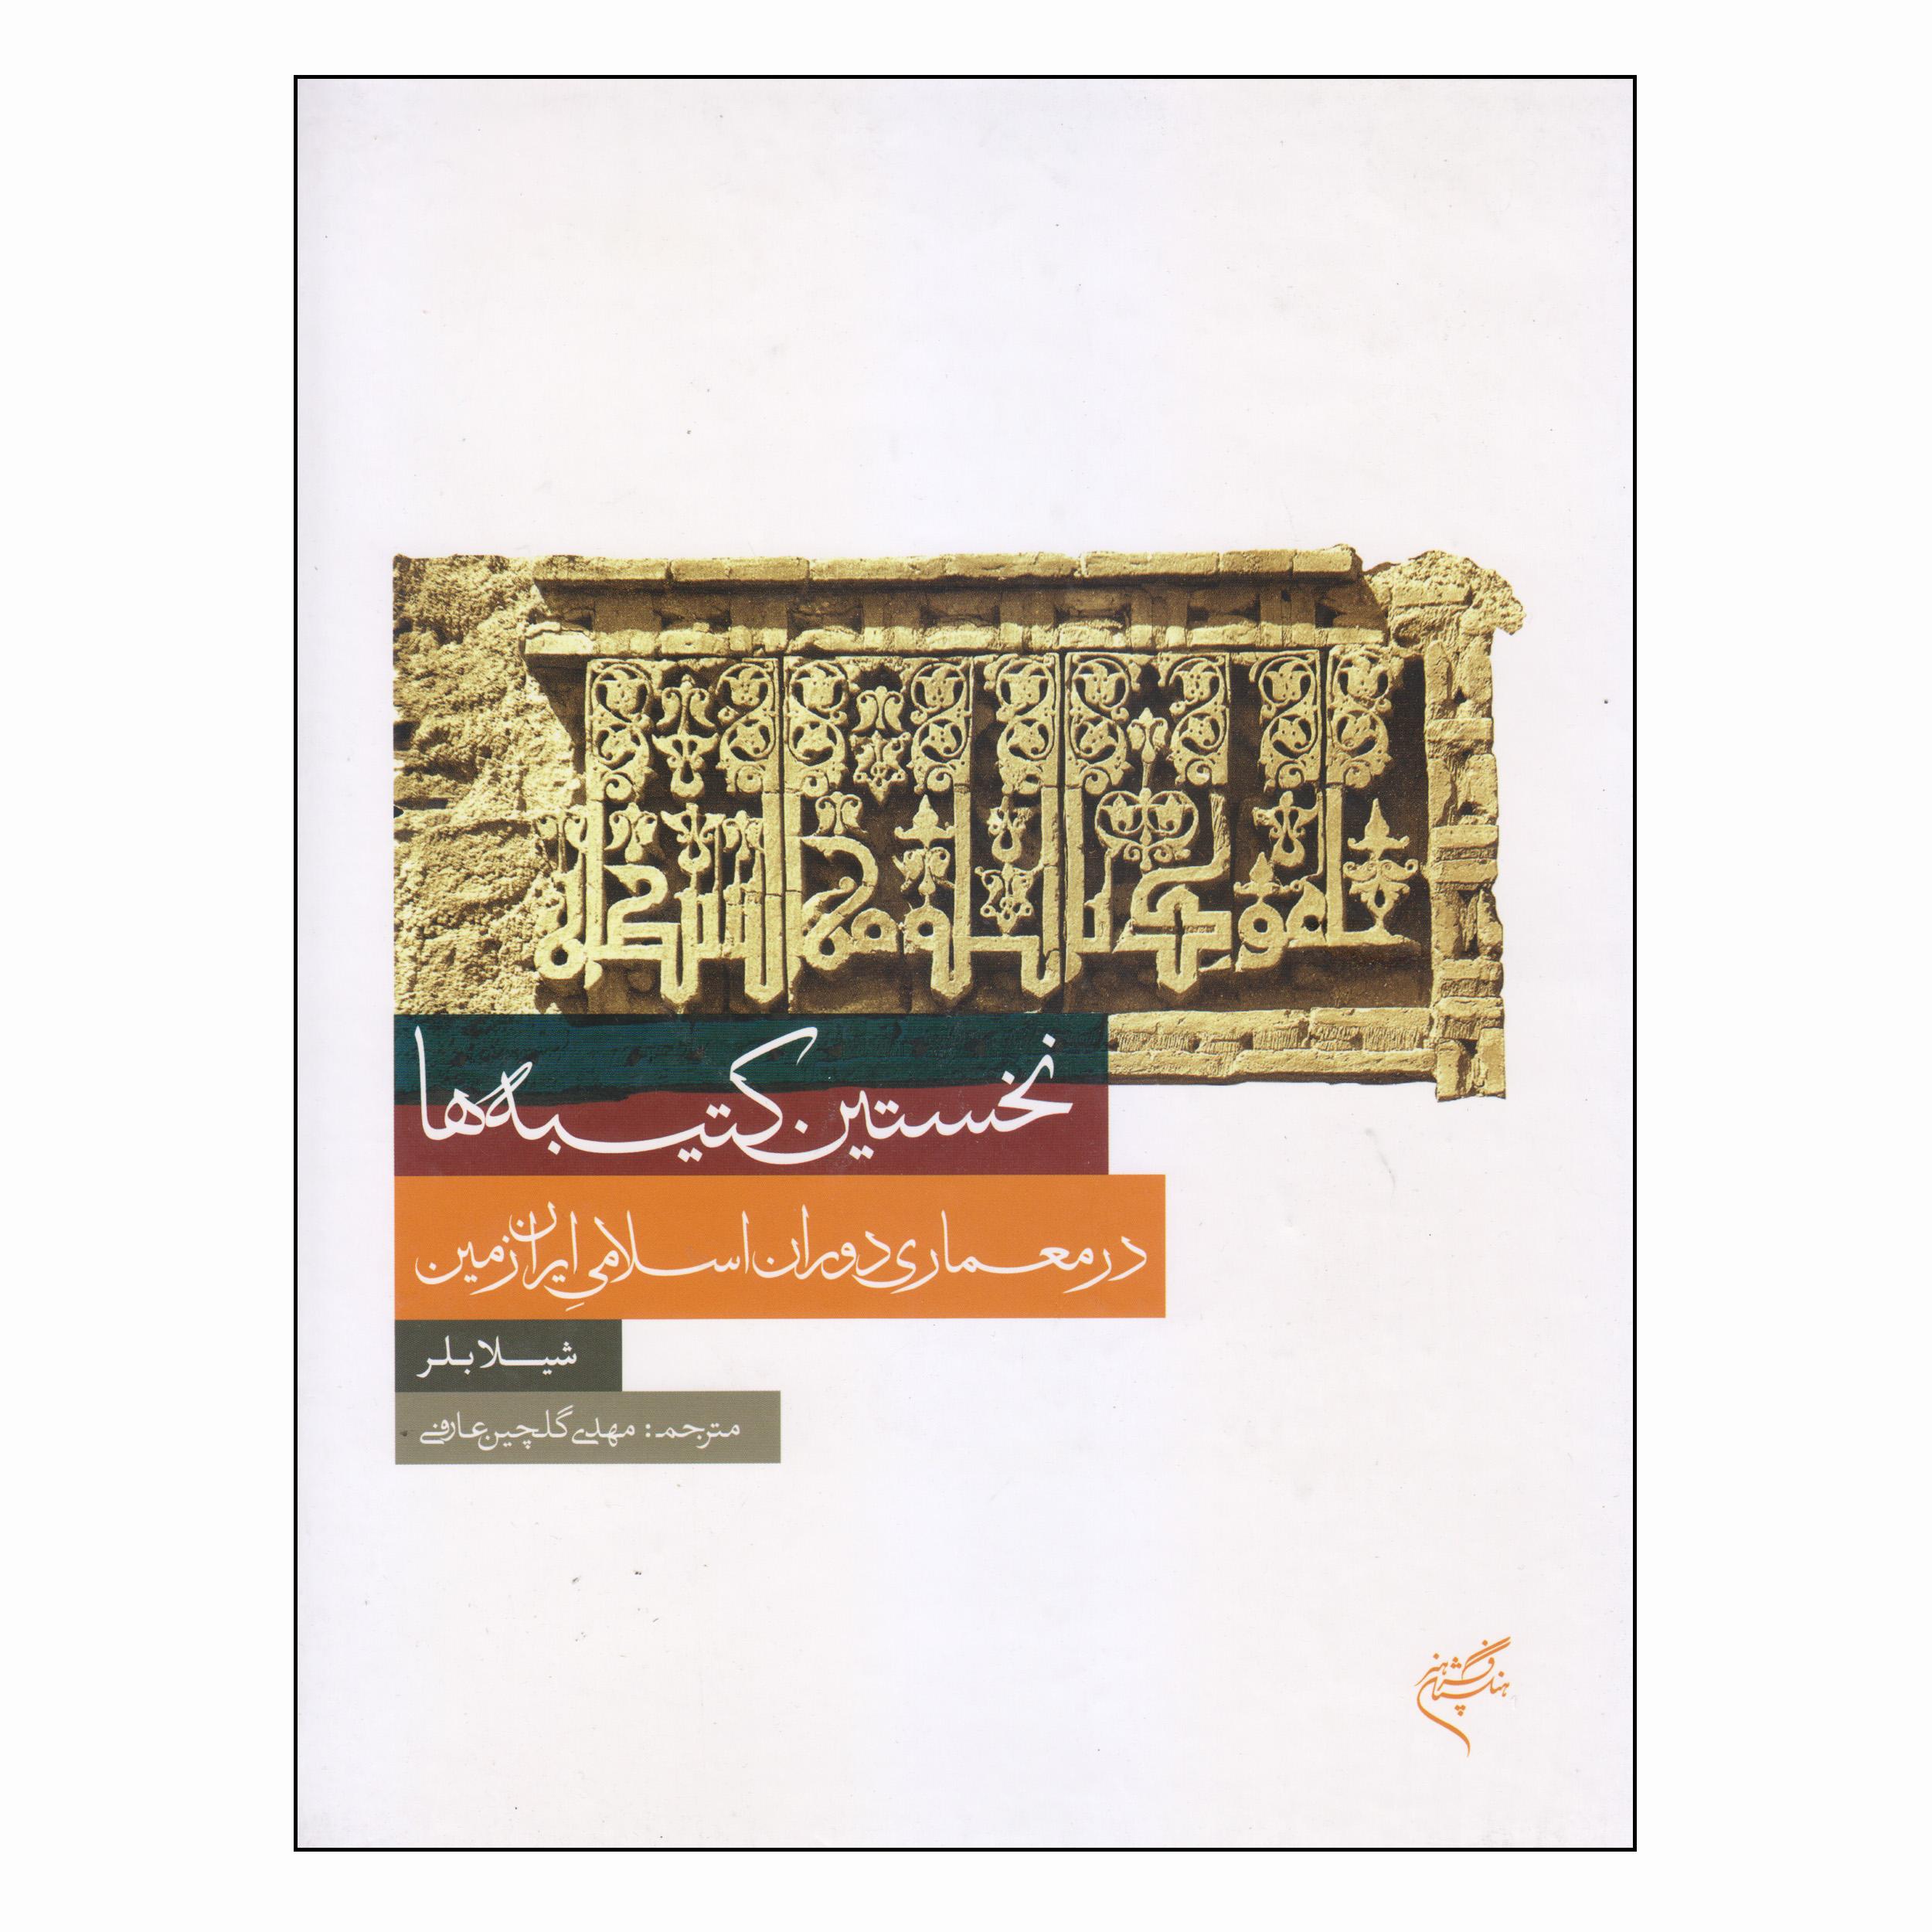 کتاب نخستین کتیبهها در معماری دوران اسلامی ایران زمین اثر شیلا بلر نشر فرهنگستان هنر